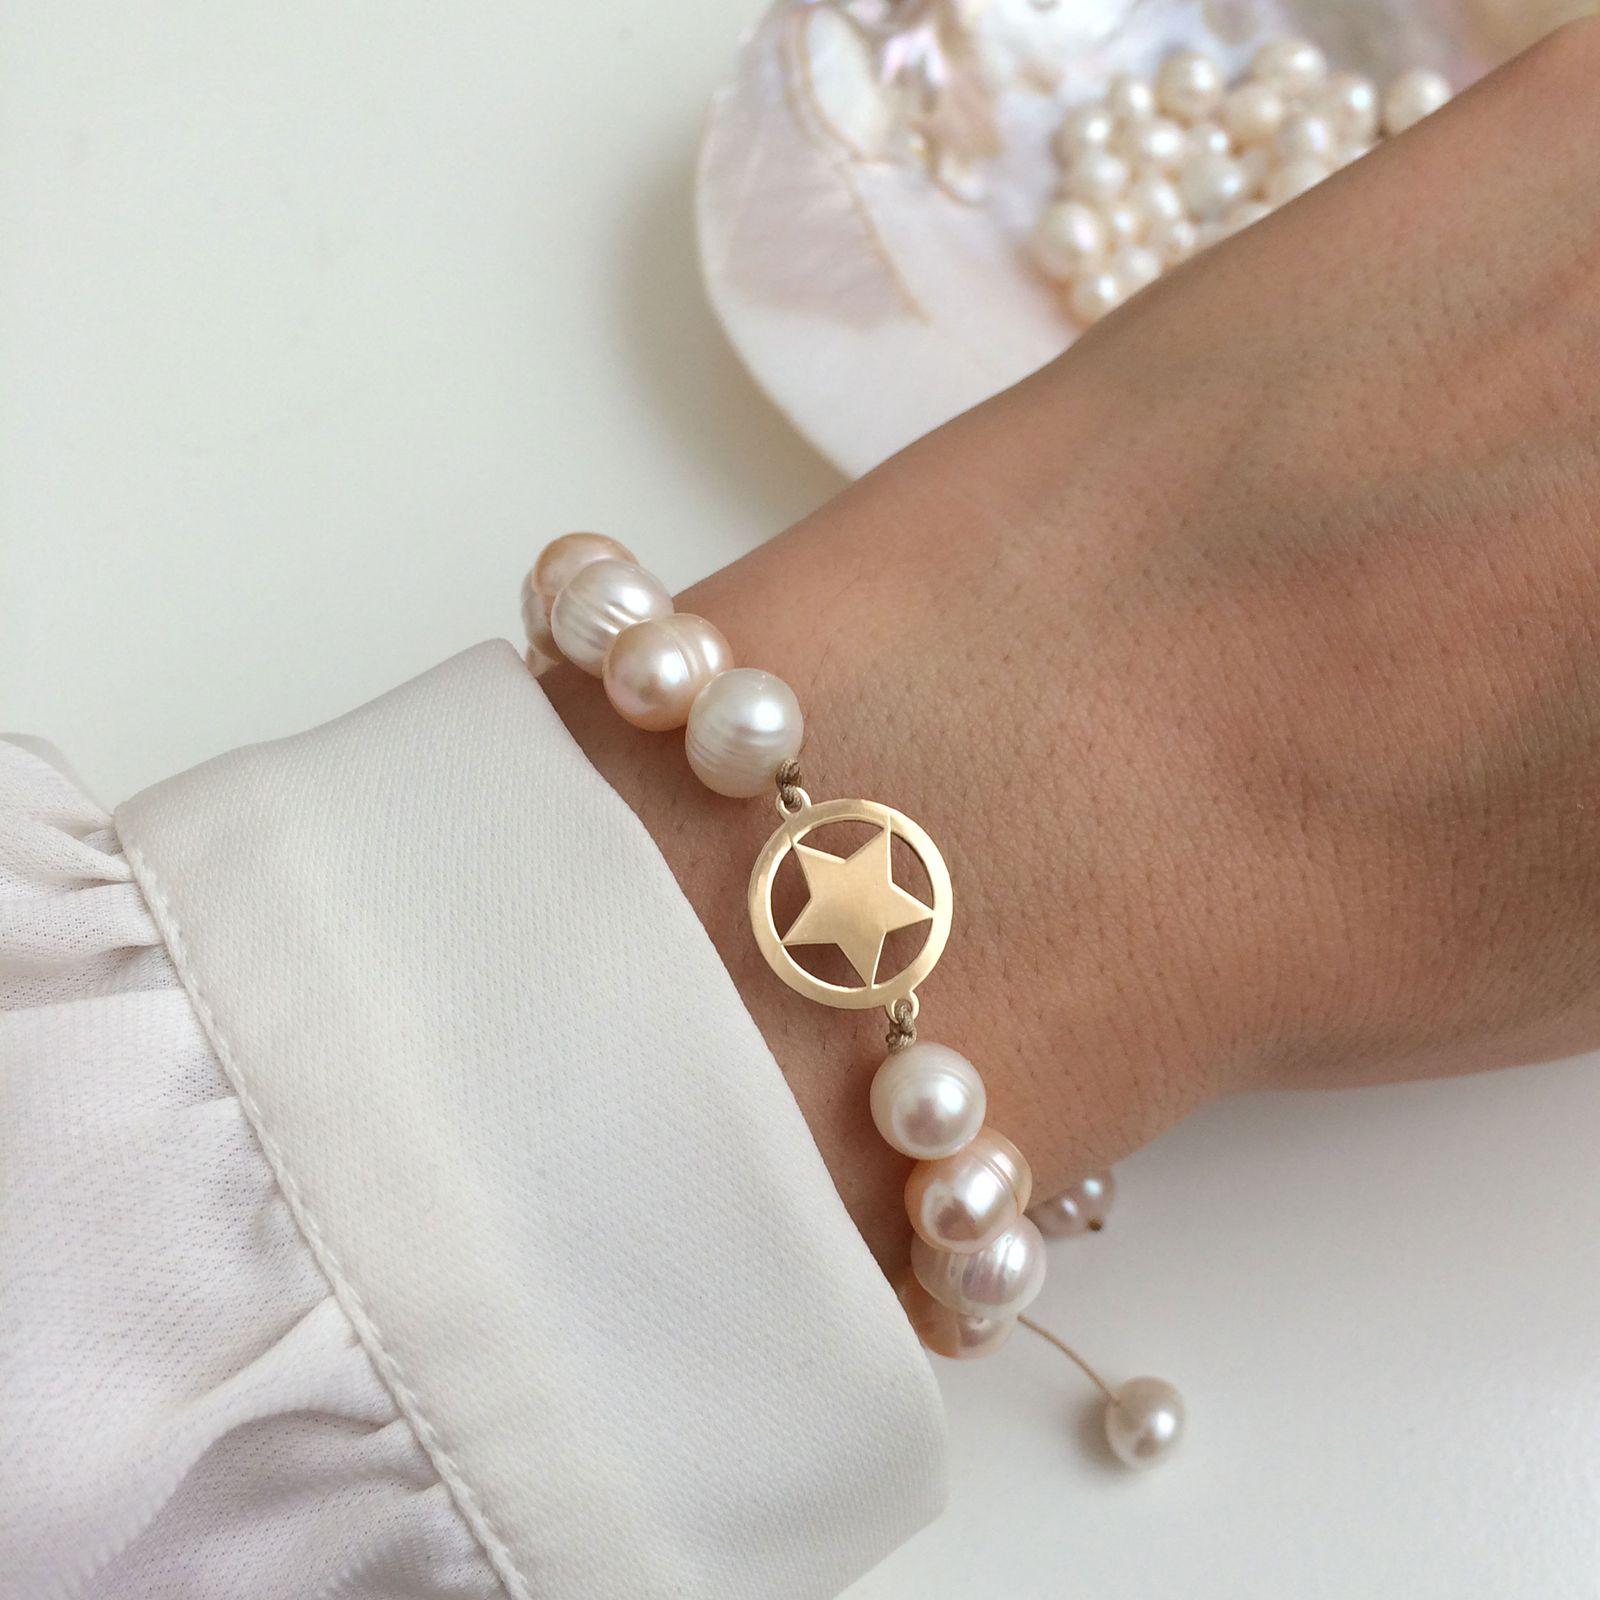 دستبند طلا 18 عیار زنانه الماسین آذر کد SETARE01 -  - 3